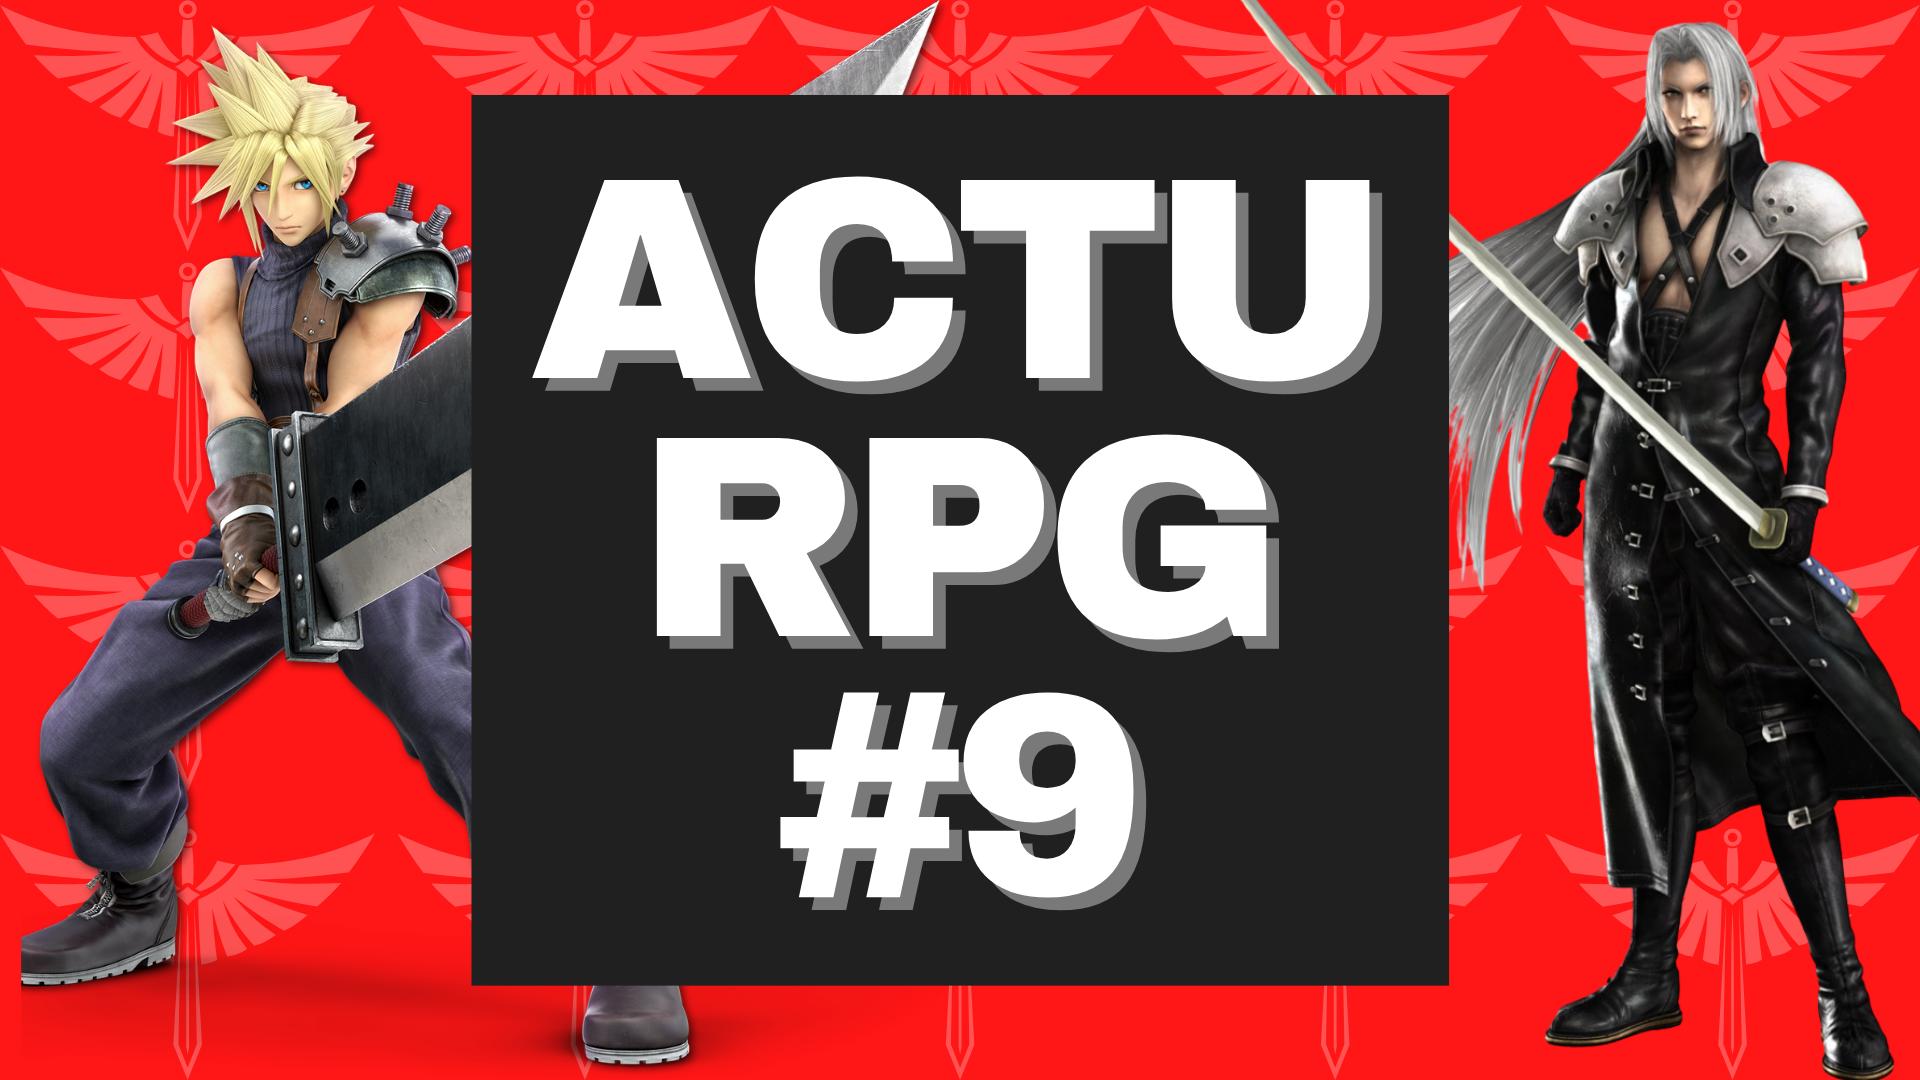 Toute l'actualités sur les RPG pendant le semaine du 11 au 17 janvier 2021